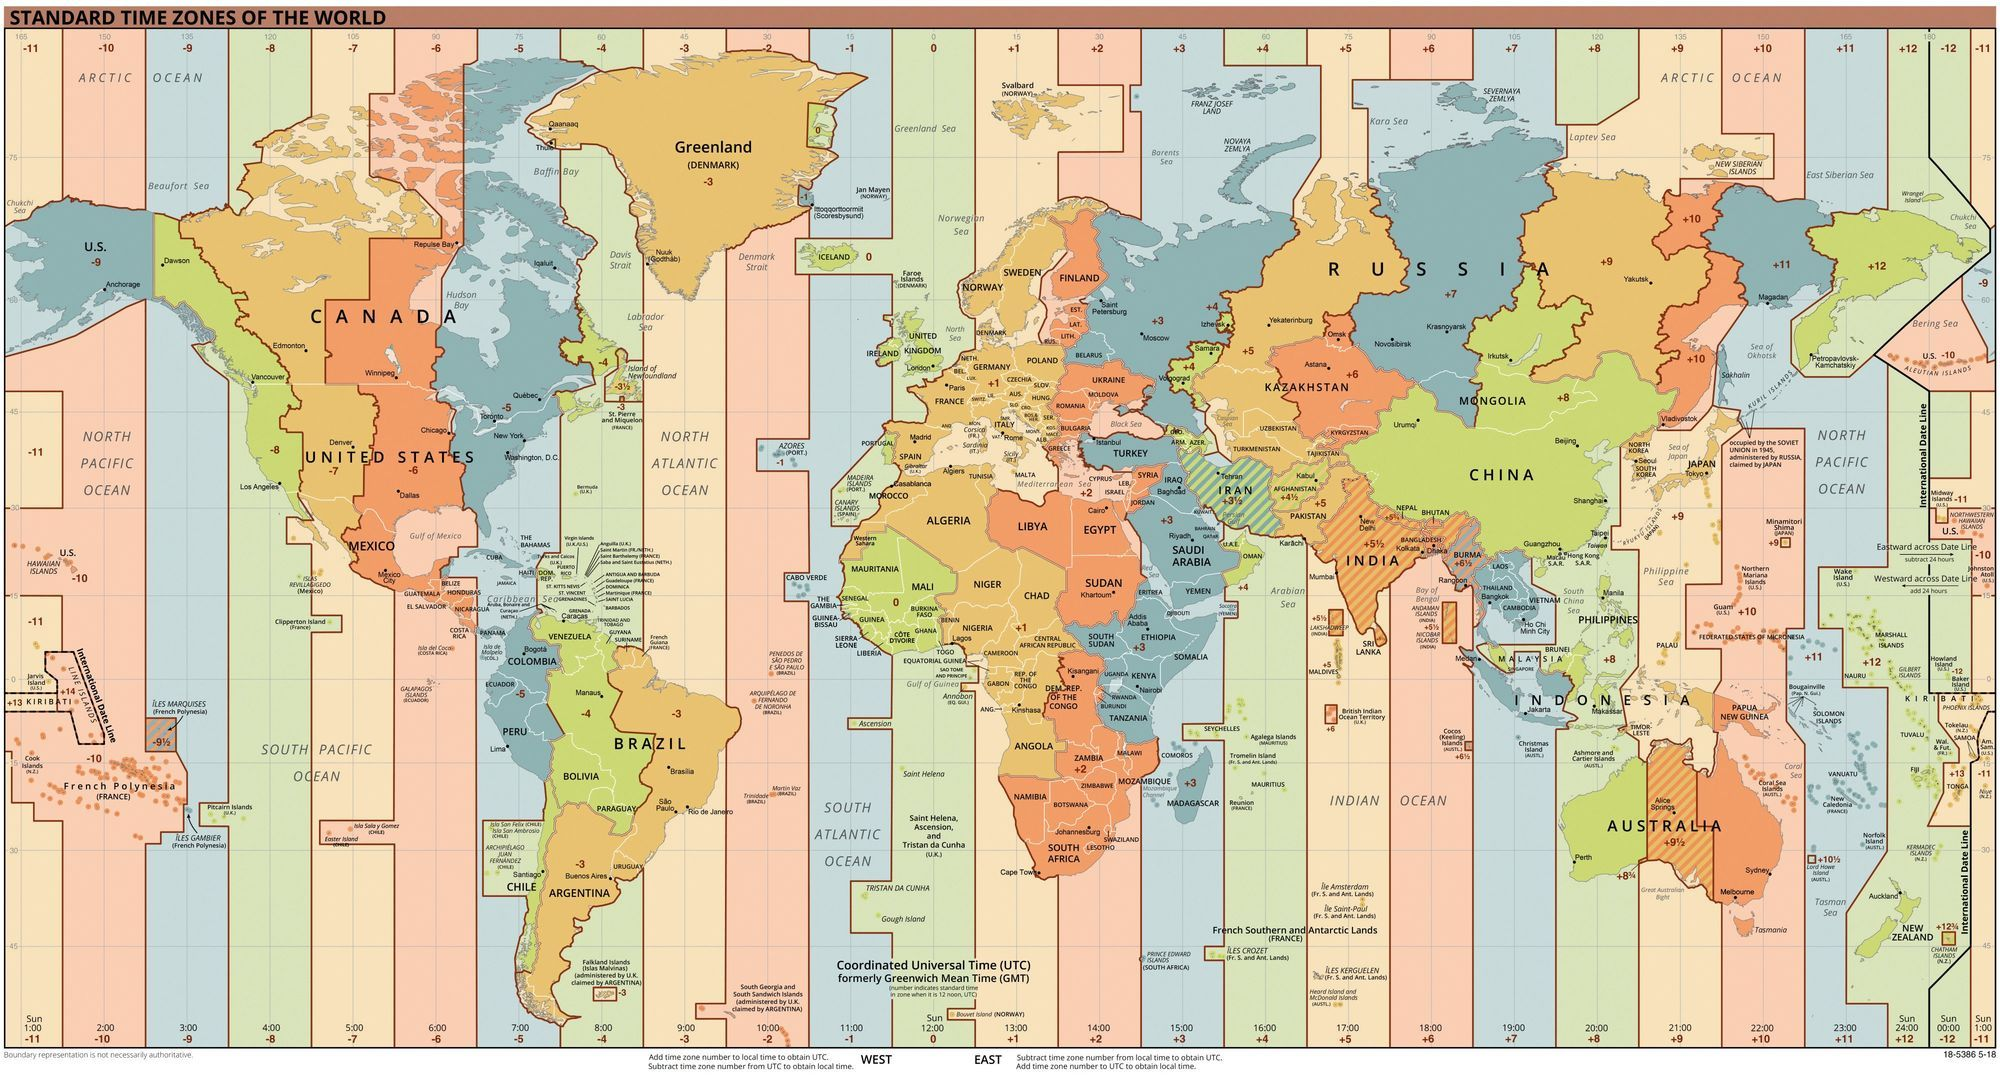 Fuseaux horaires et harmonisation du temps mondial